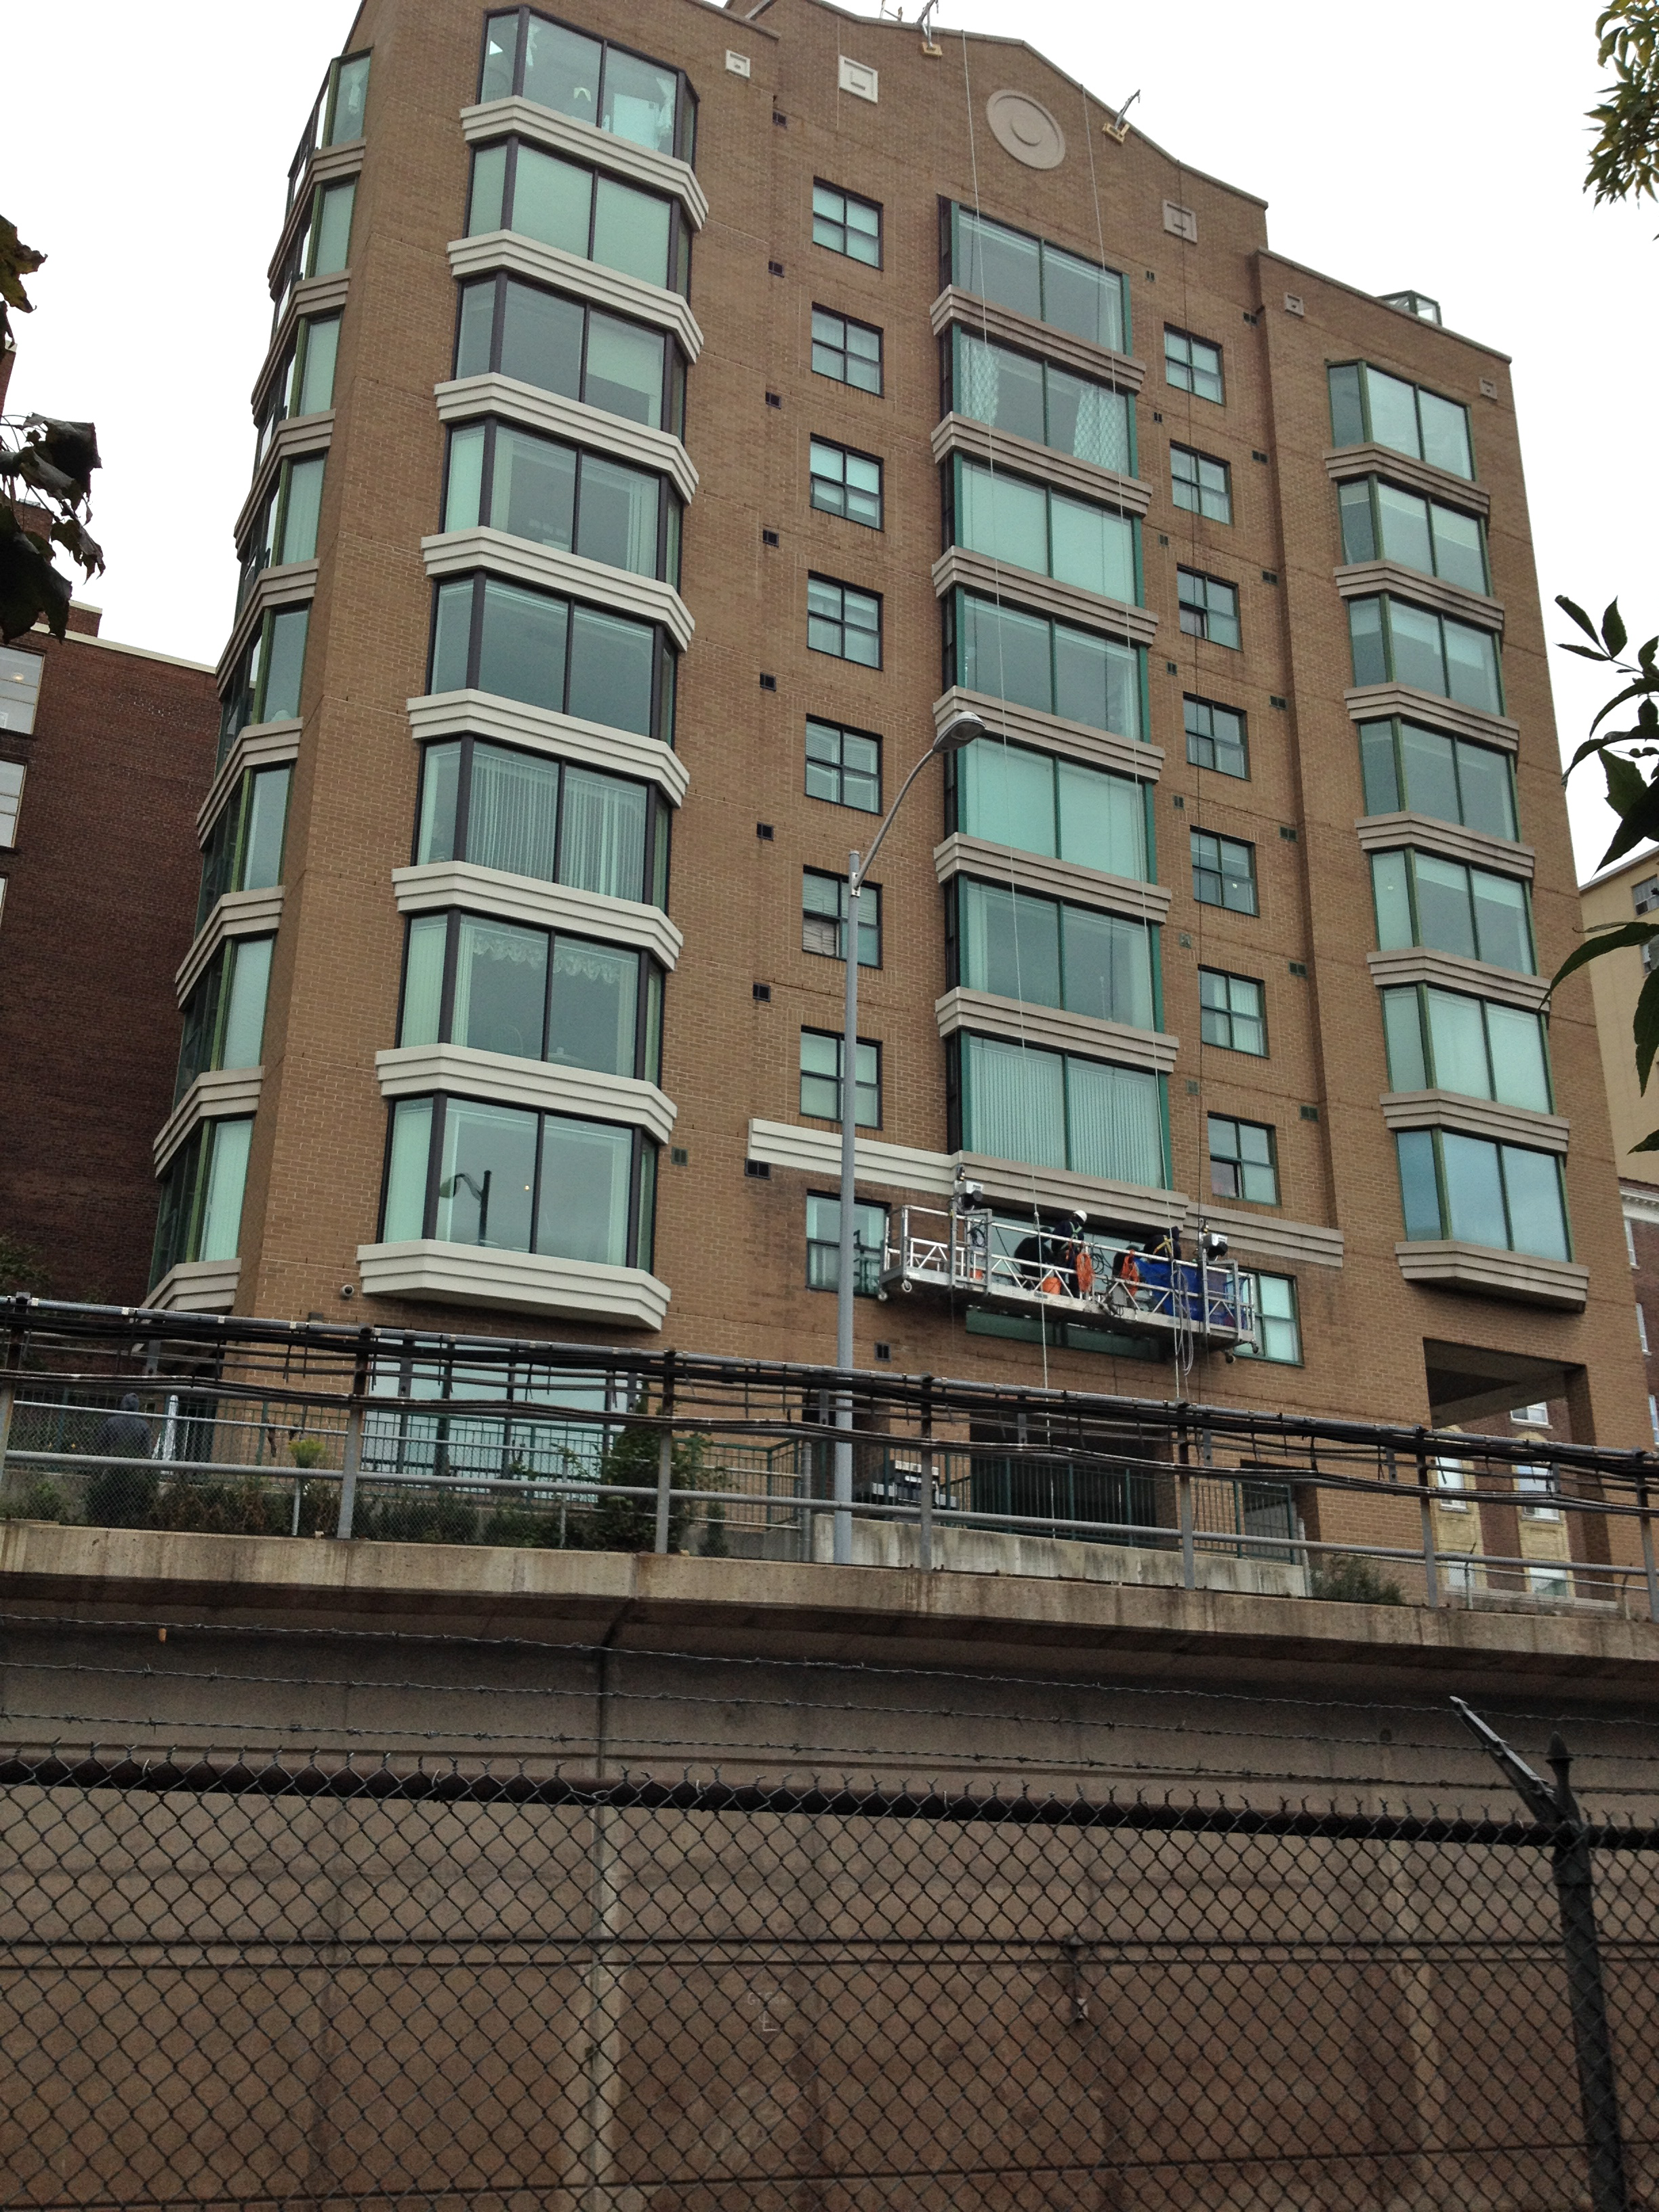 Lawton Condominium